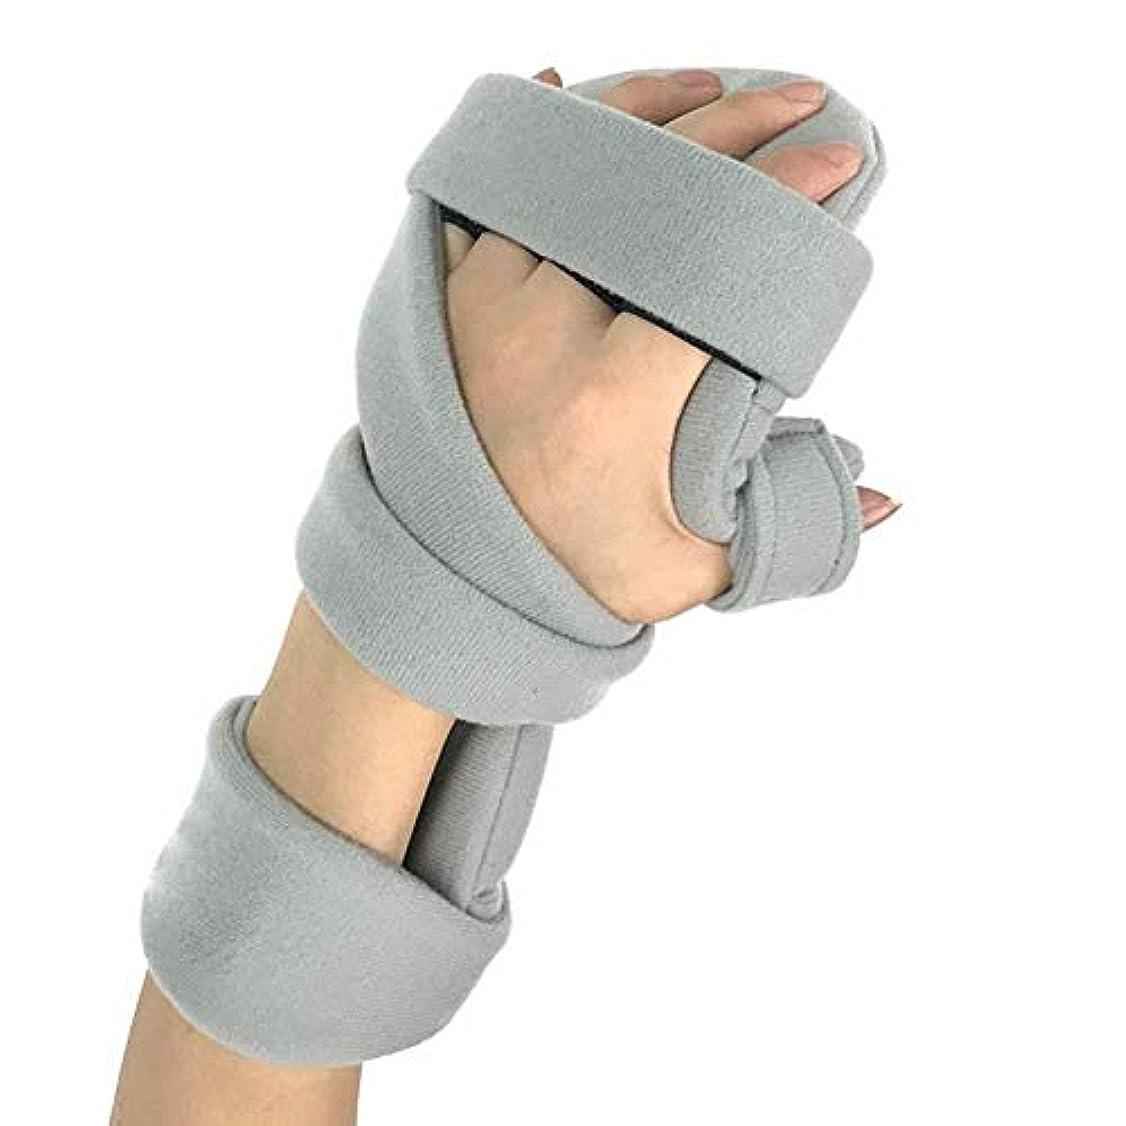 ジョットディボンドン水を飲む閉じる手の添え木、リハビリテーションの指板調節可能な手のサポート手首の手首の骨折の固定保護装置の添え木の整形外科の訂正の支柱 (Color : Right)